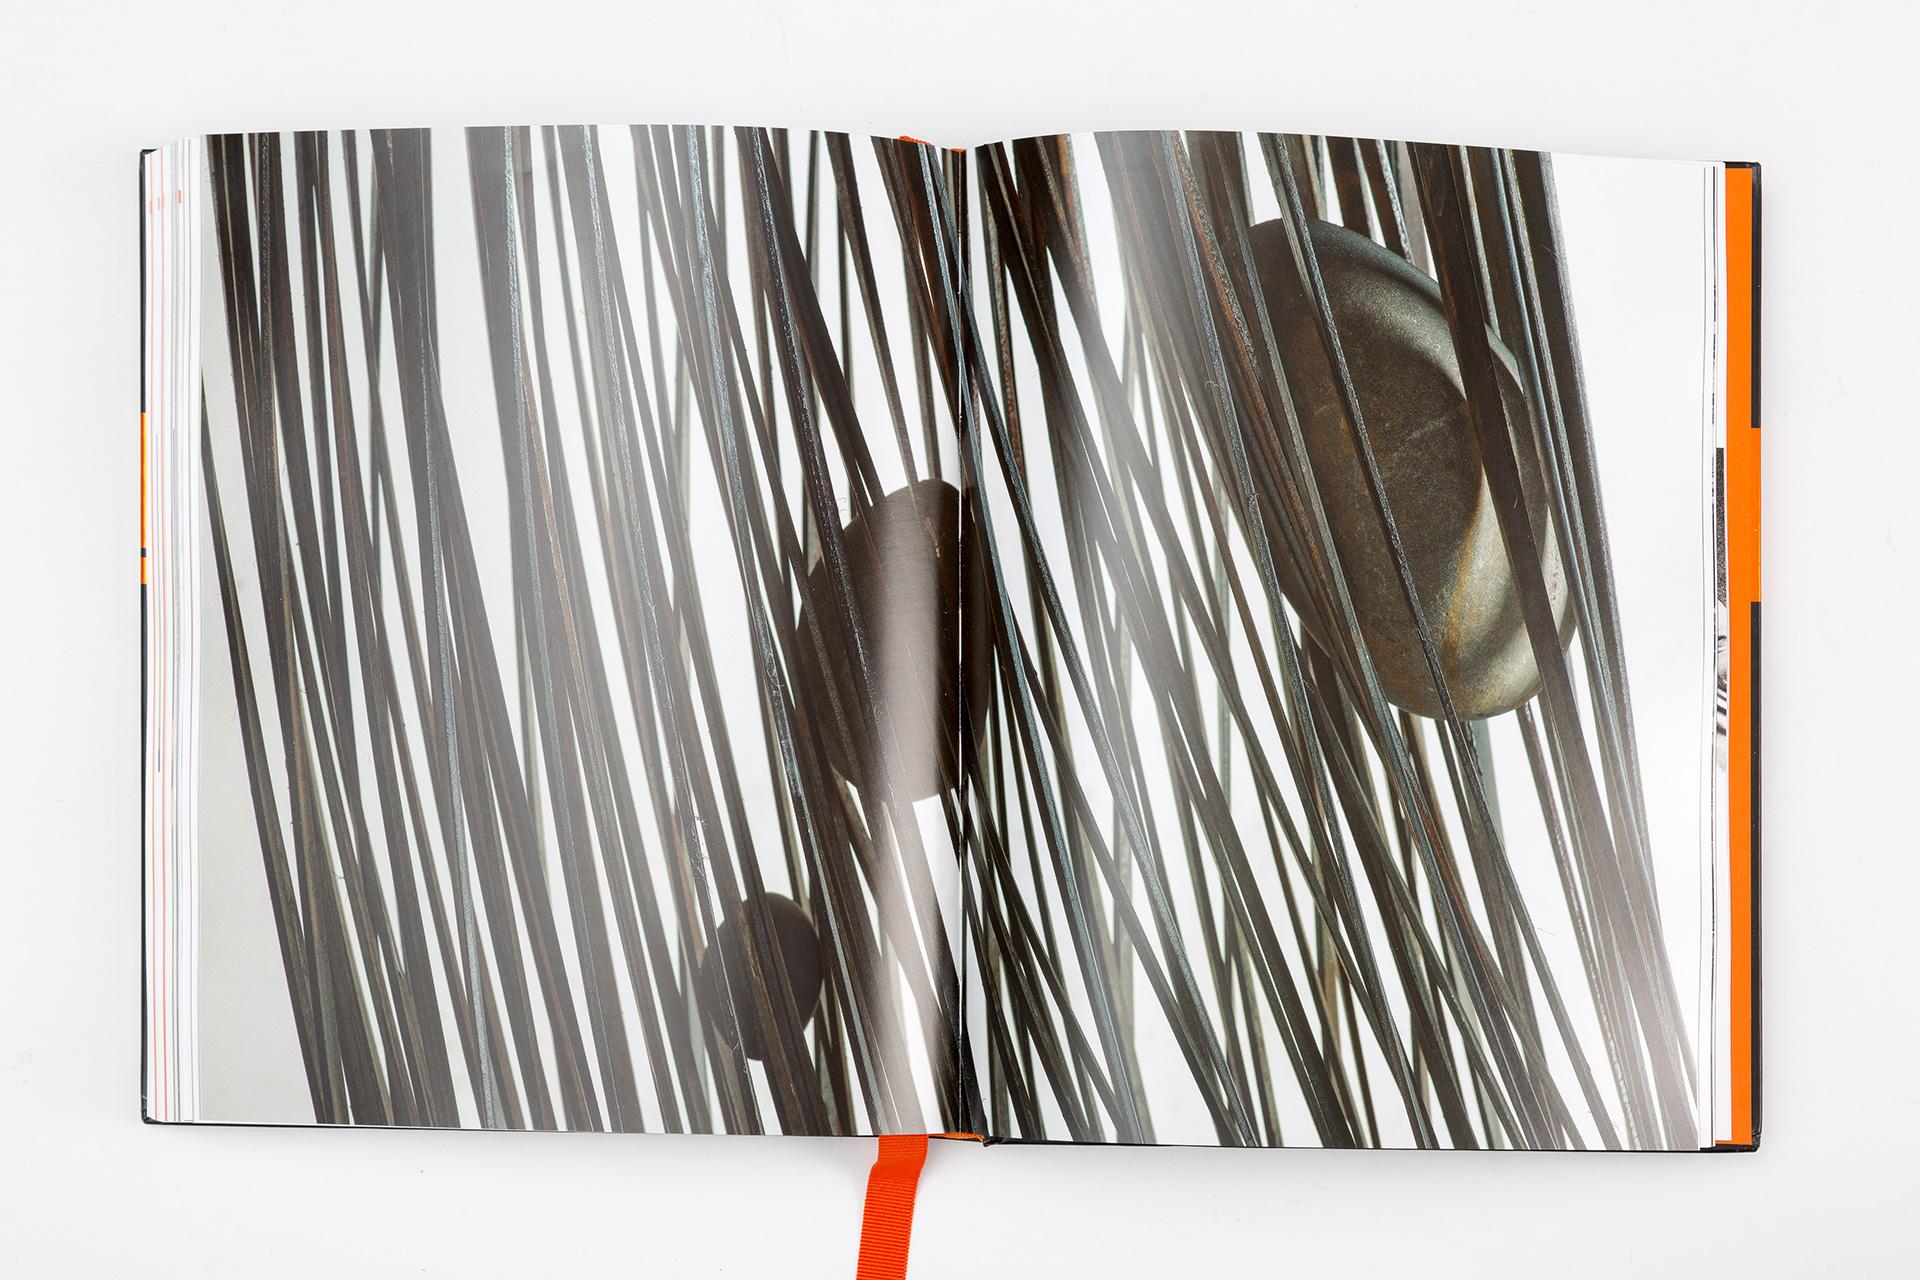 Asgard Branding, юбилейный альбом, дизайн внутреннего разворота, дизайн книги, Михаил Рева